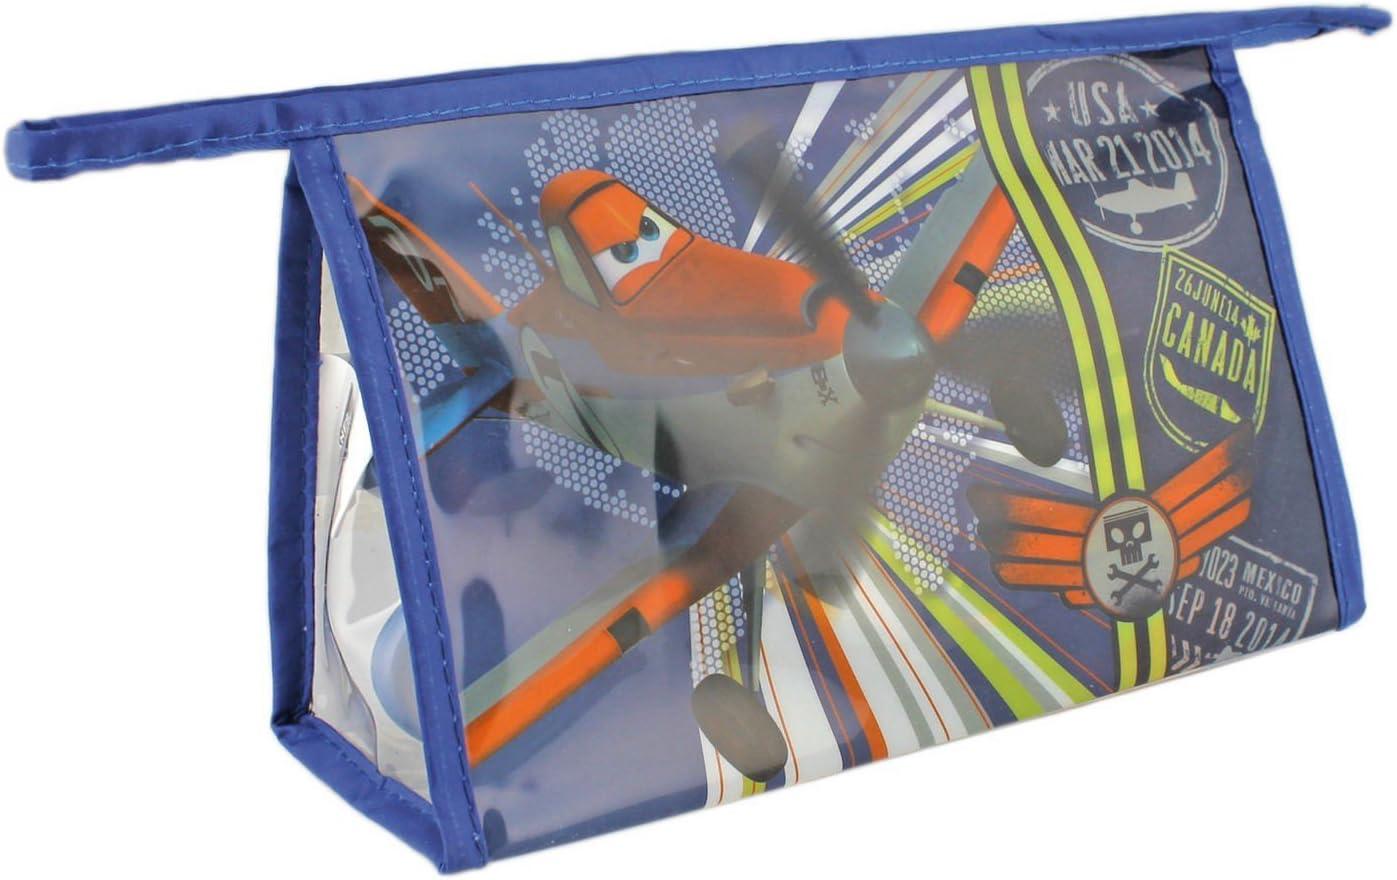 Planes - Neceser + kit de higiene infantil de planes